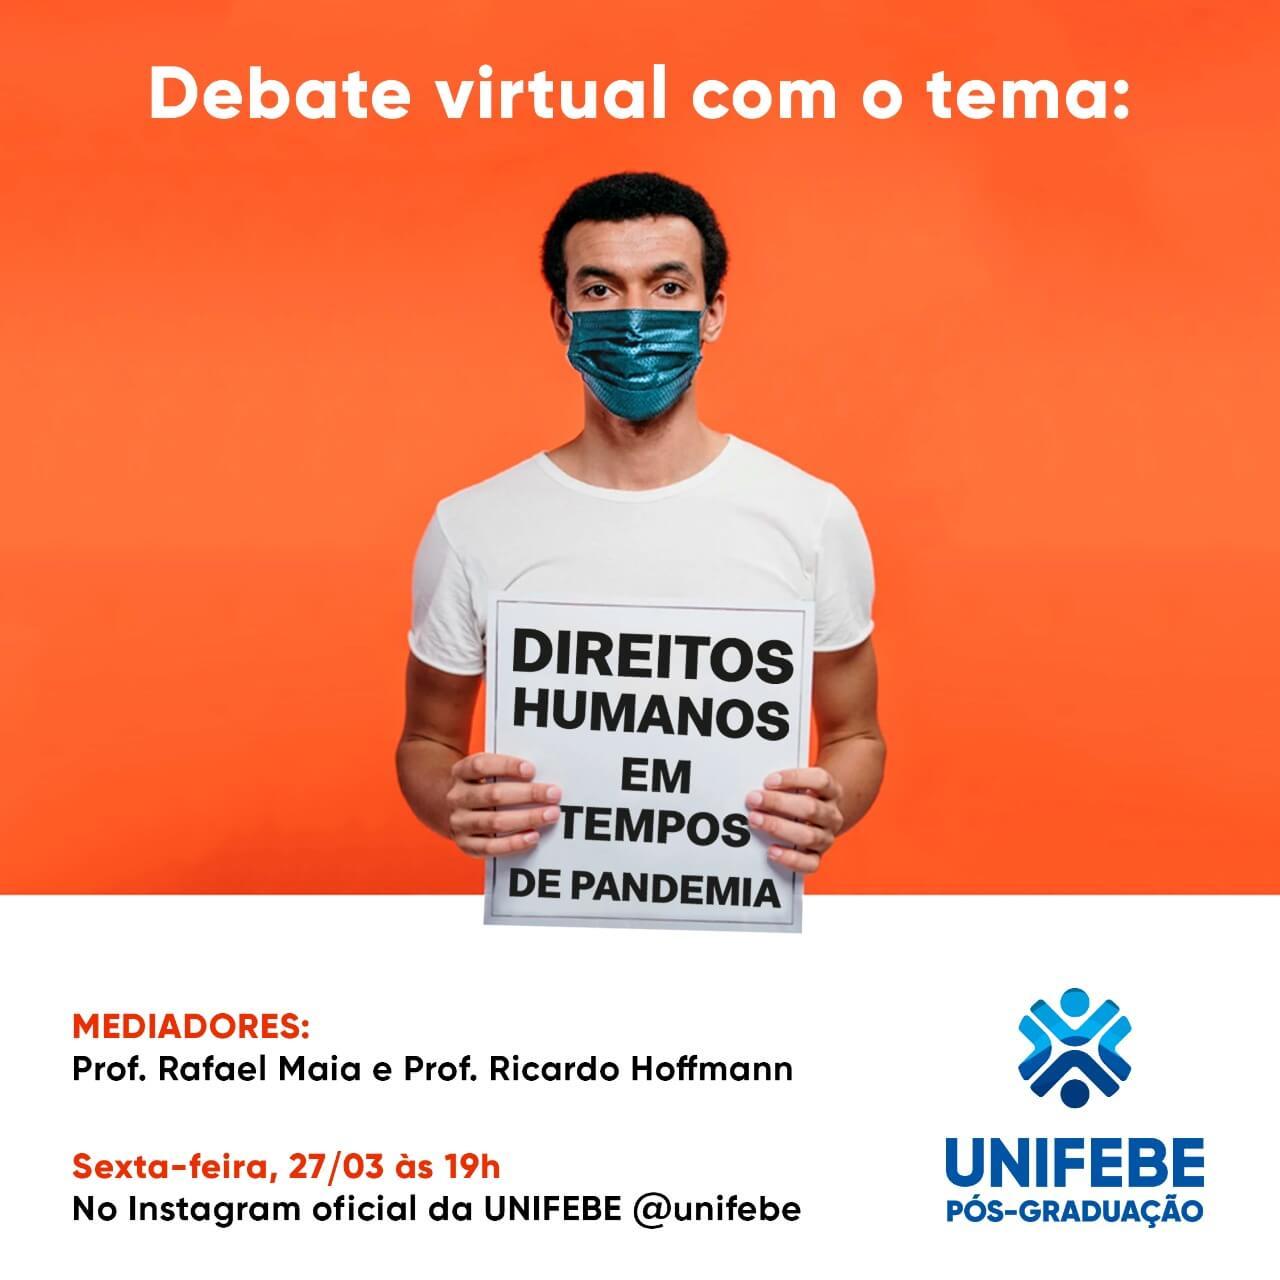 UNIFEBE promove debate virtual sobre Direitos Humanos em tempos de pandemia